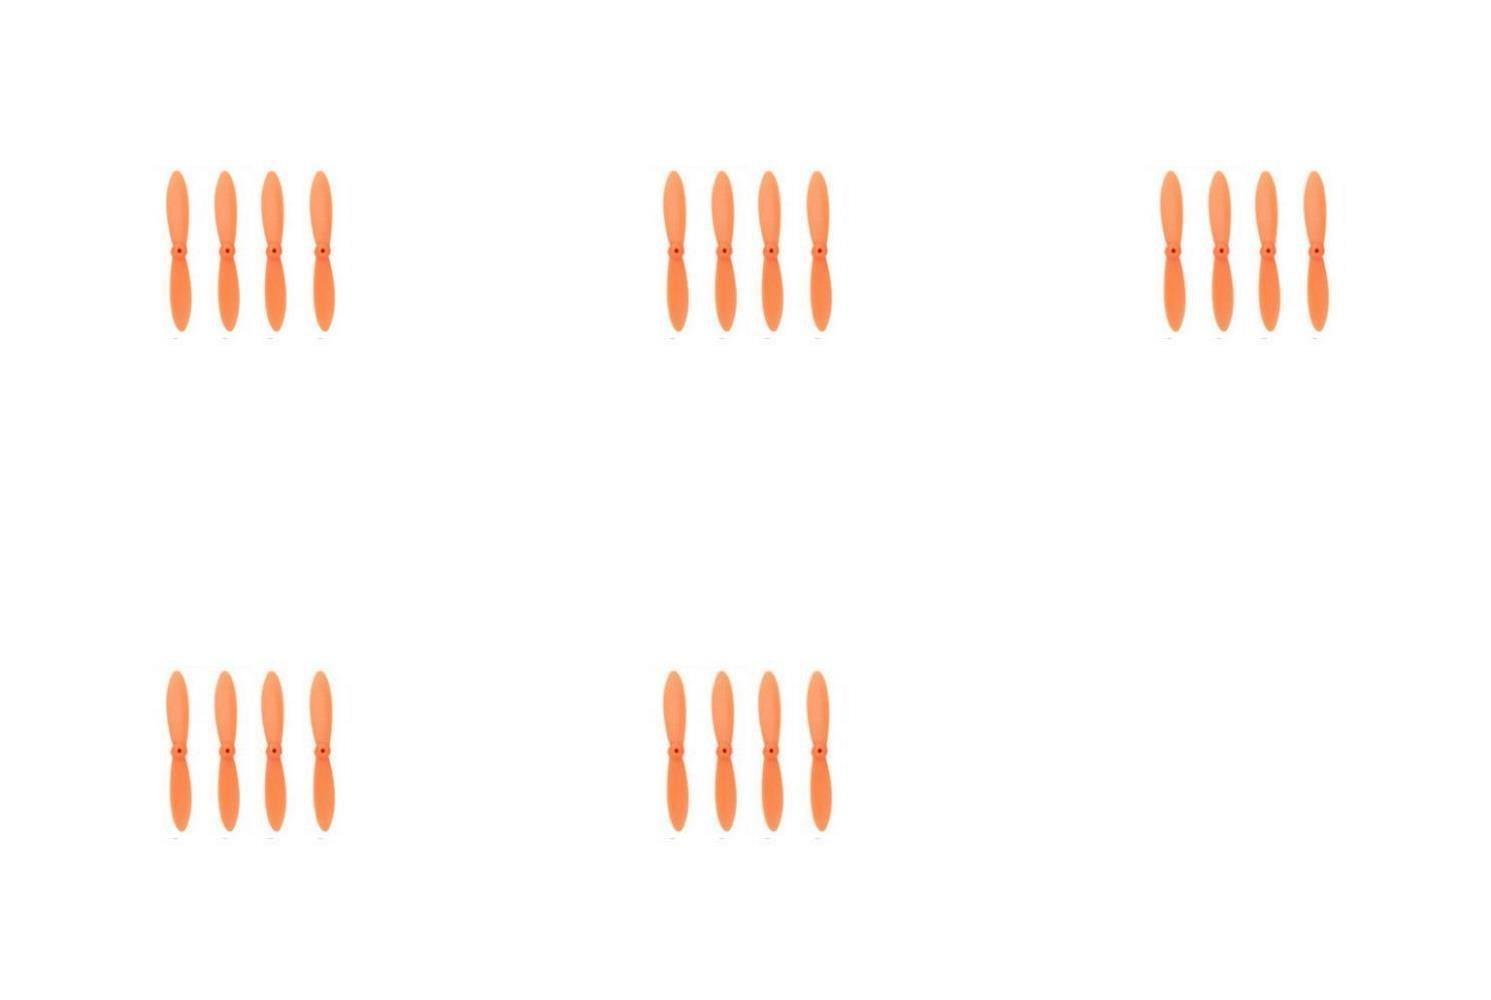 cómodo 5 x Quantity of WLtoys WLtoys WLtoys V272 All Orange Nano Quadcopter Propeller blade Set 32mm Propellers Blades Props Quad Drone parts - FAST FROM Orlando, Florida USA  buscando agente de ventas